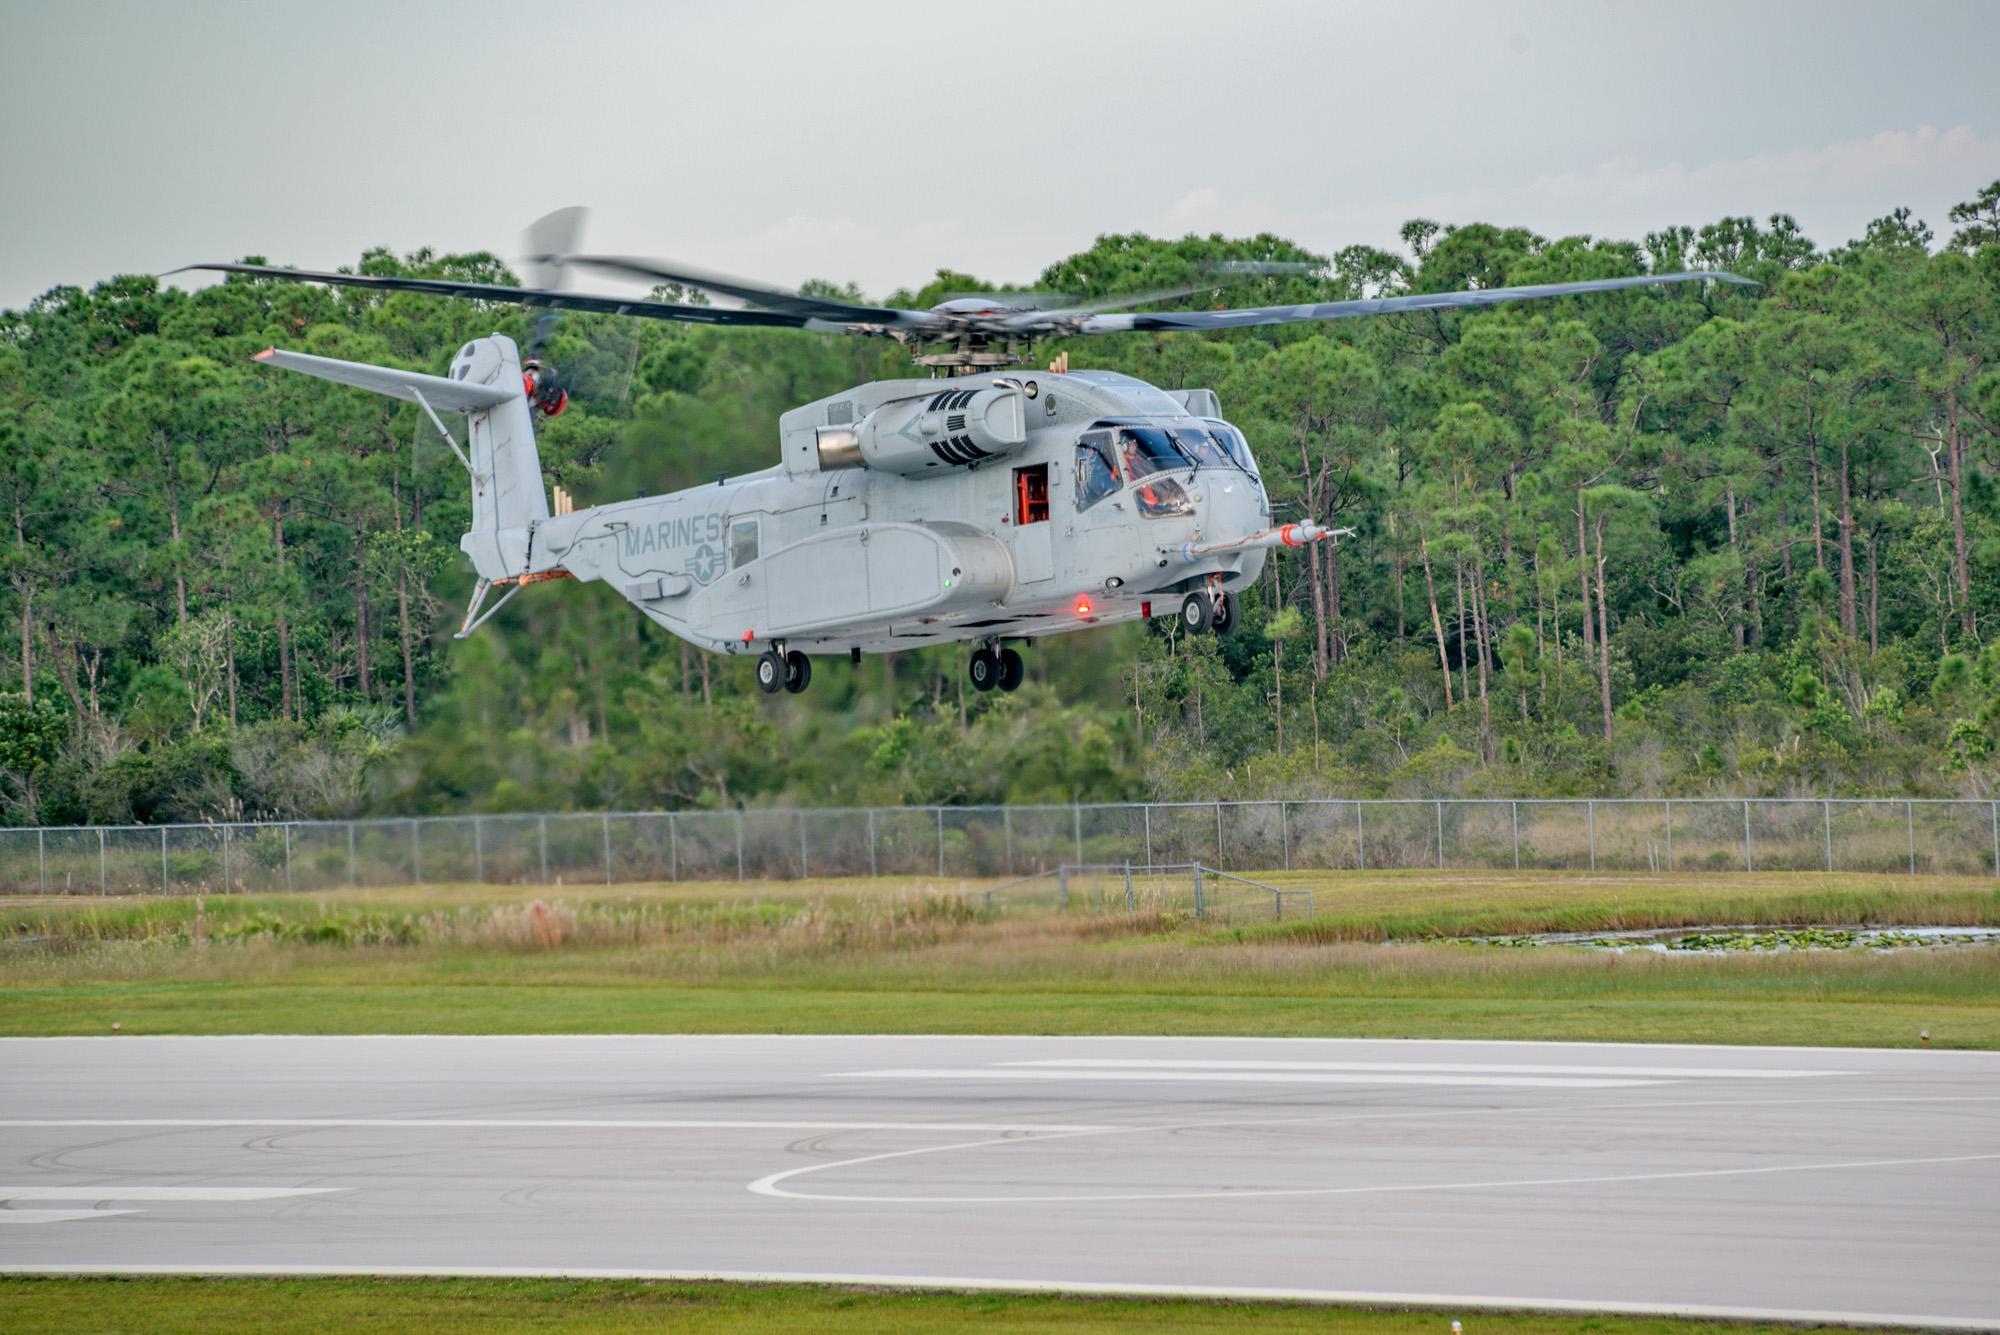 美国CH 53K直升机首飞 最大起飞重量超38吨 图